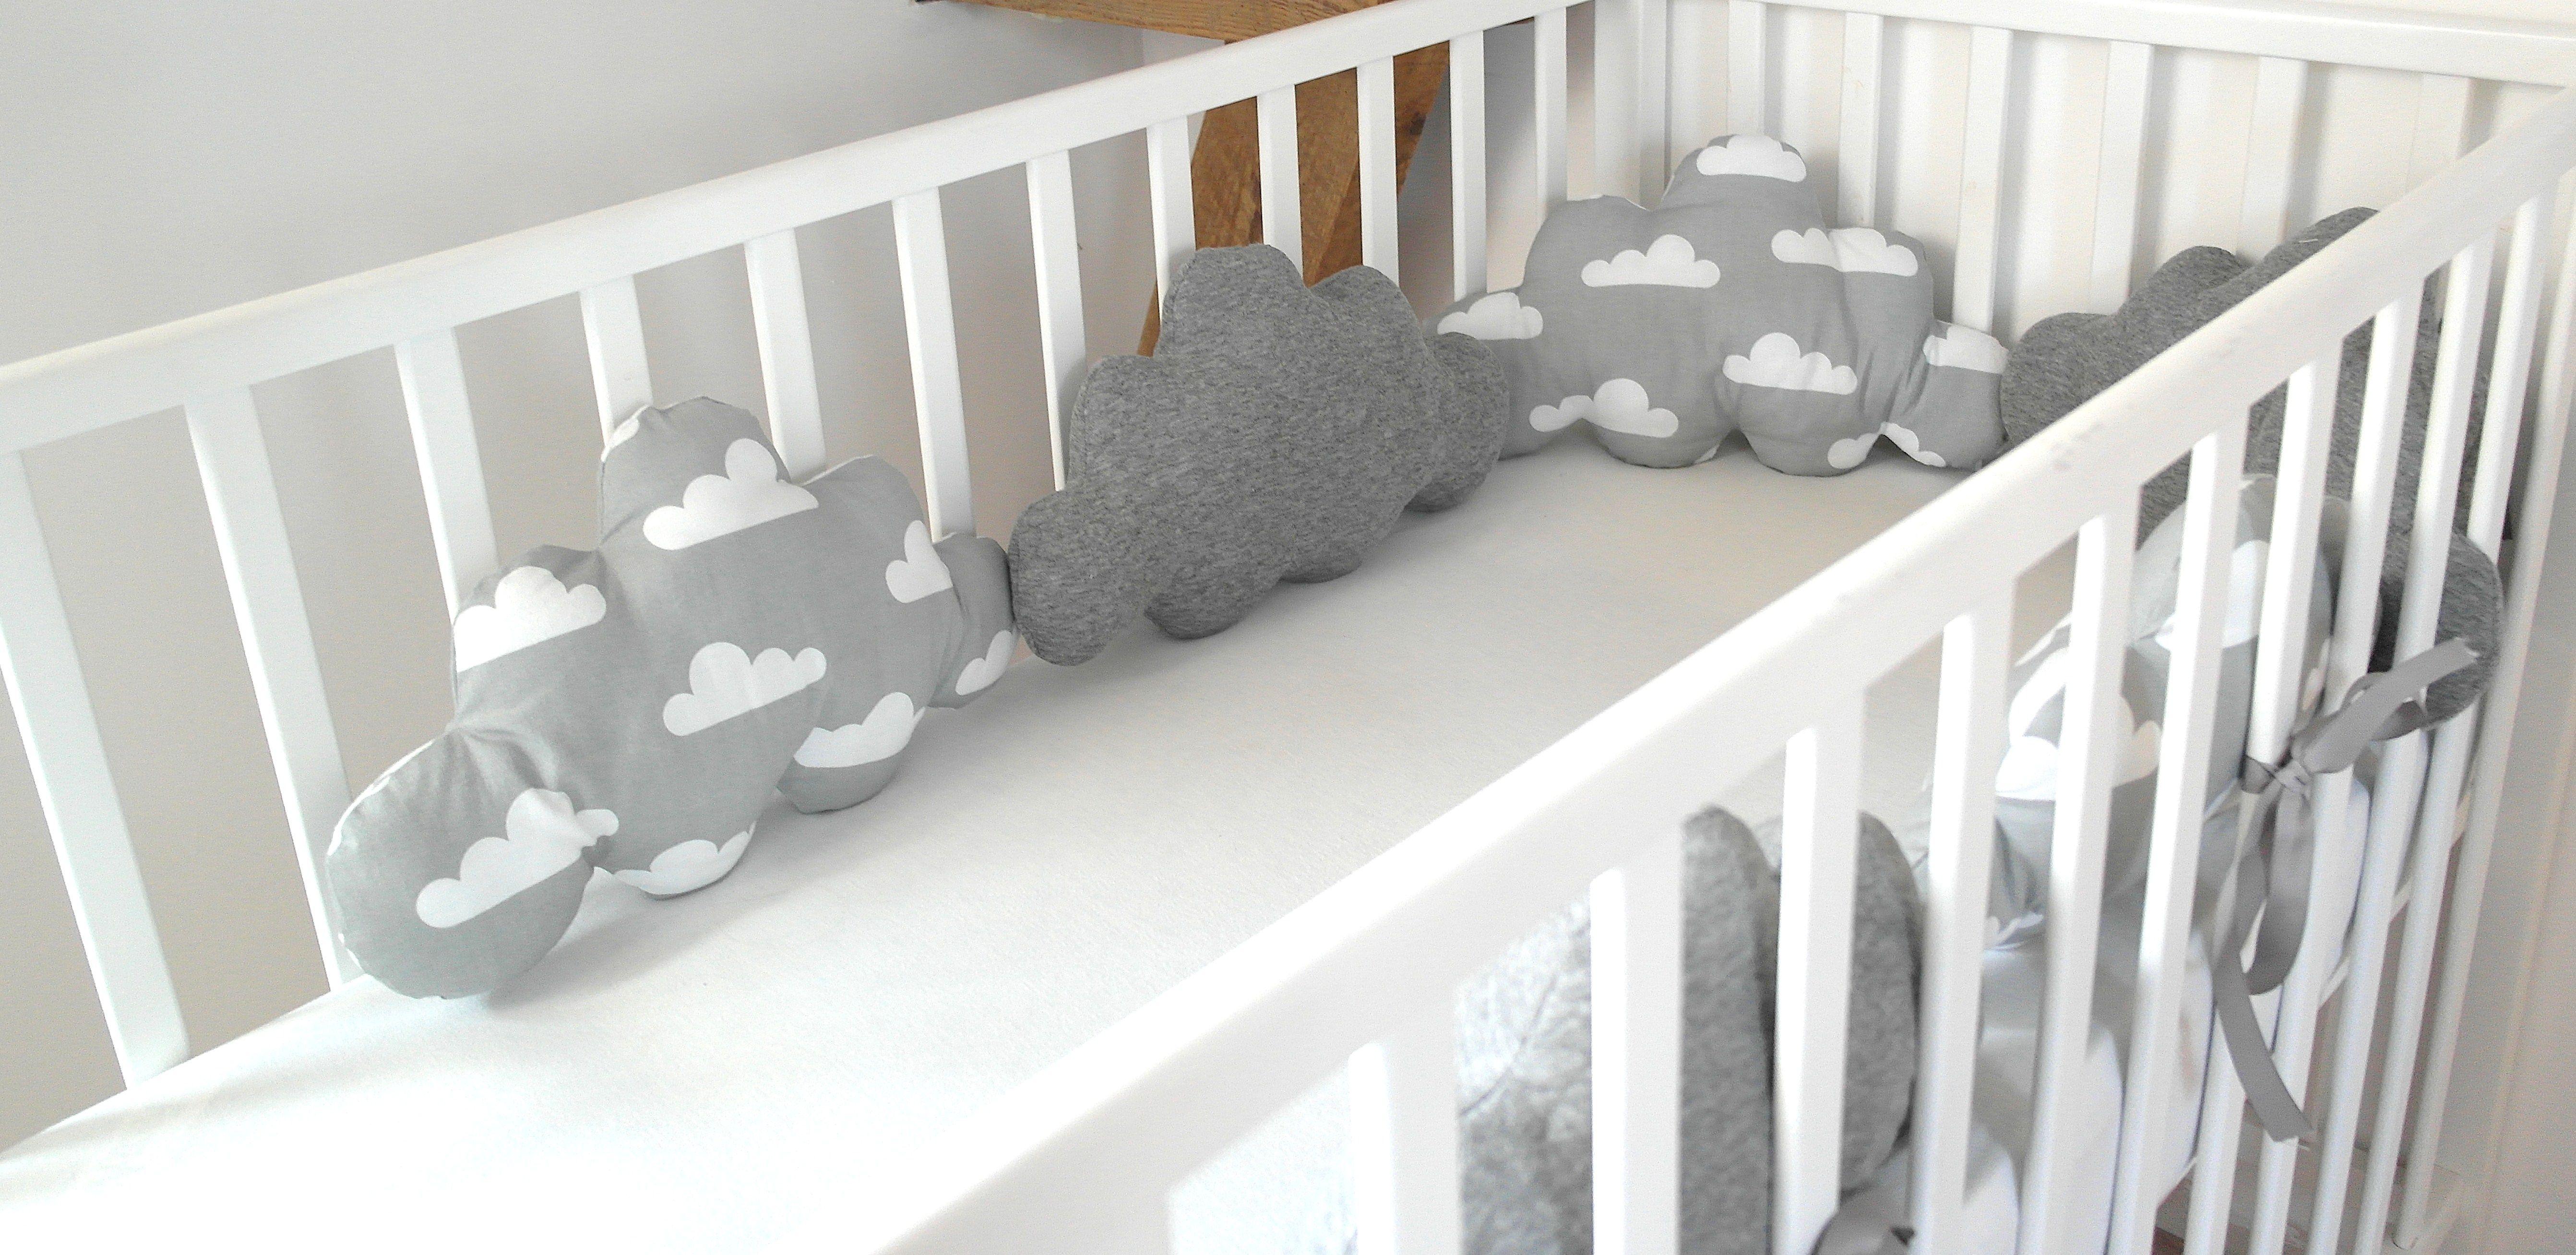 tour de lit nuages 3 pommes dans un panier pinterest tour de lit nuage et panier. Black Bedroom Furniture Sets. Home Design Ideas